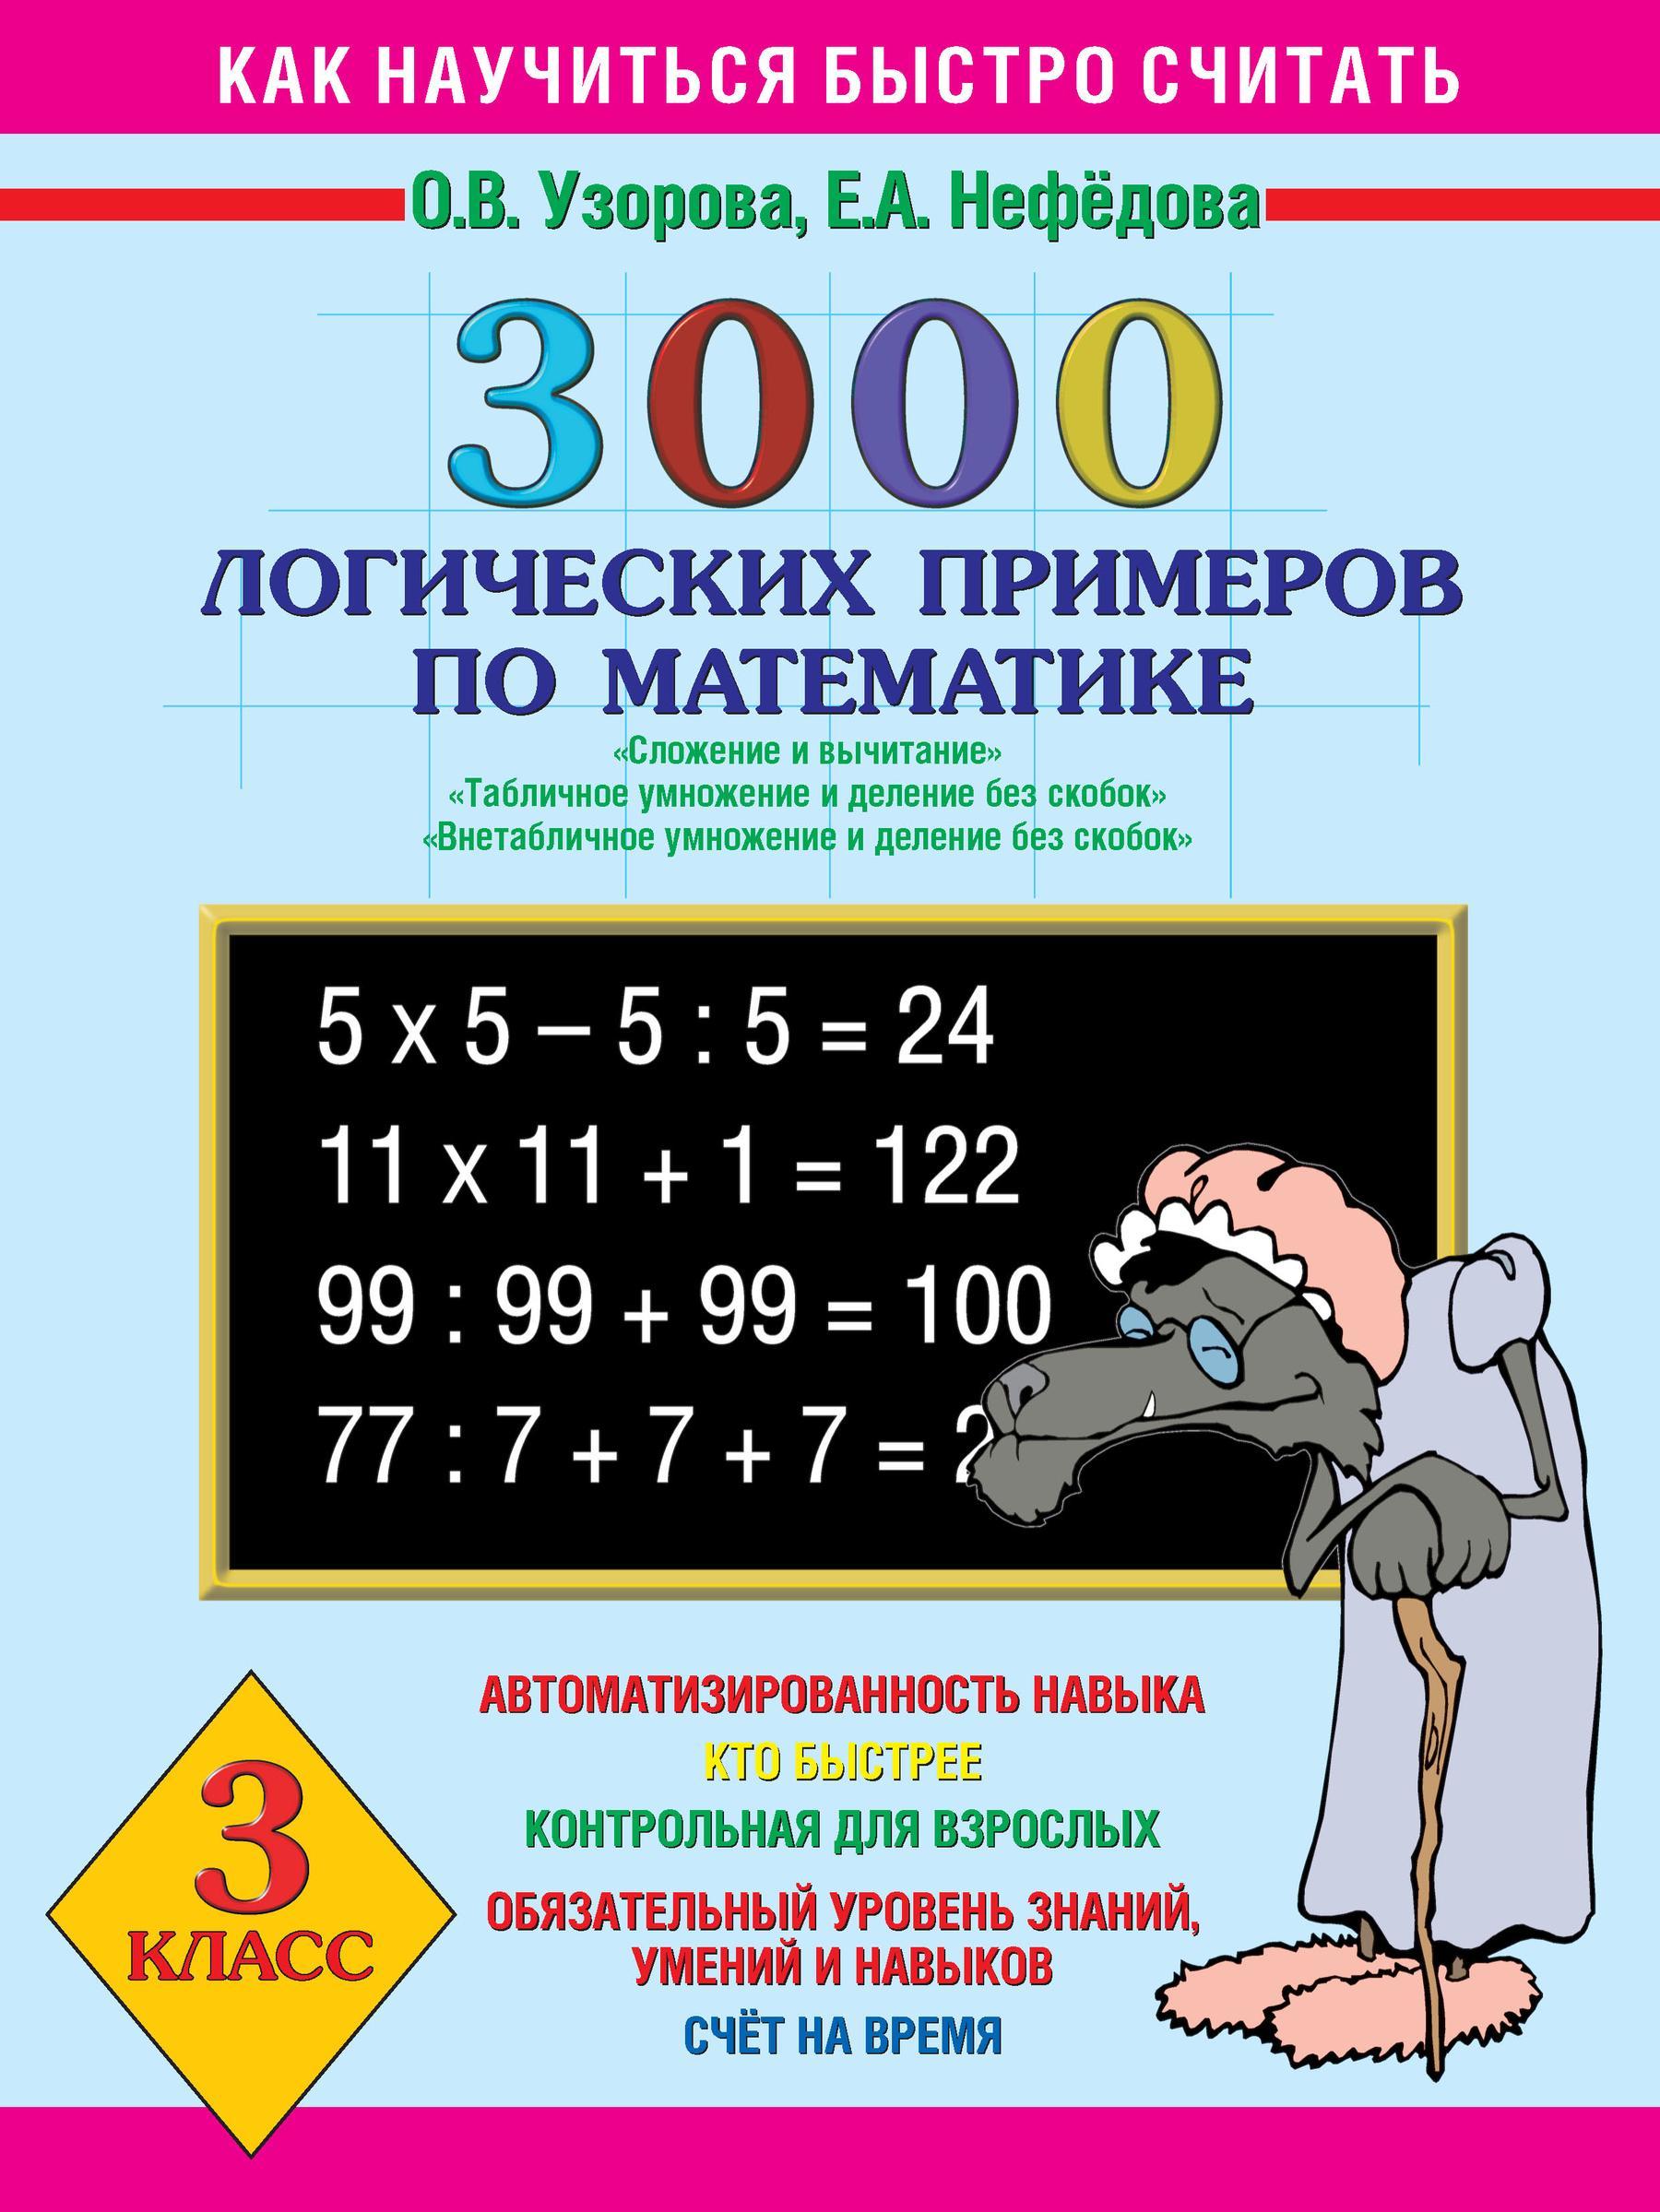 3000 логических примеров по математике. Сложение и вычитание. Табличное умножение и деление без скобок. Внетабличное умножение и деление без скобок. 3 класс